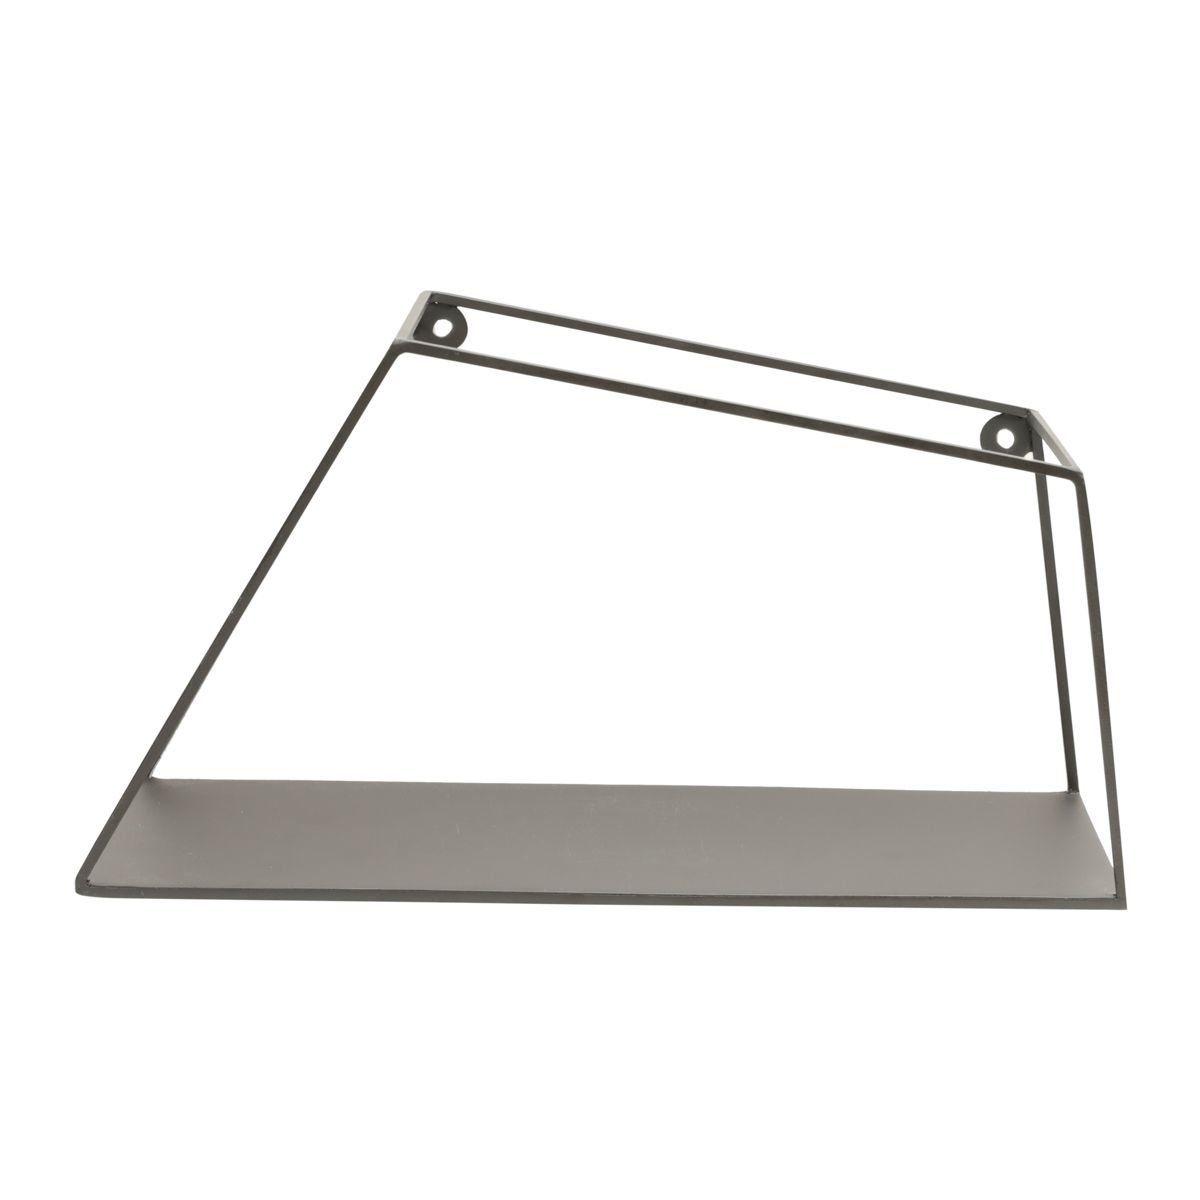 Prateleira de Metal Geométrica Trapézio Preto 14cm x 28cm - 42639